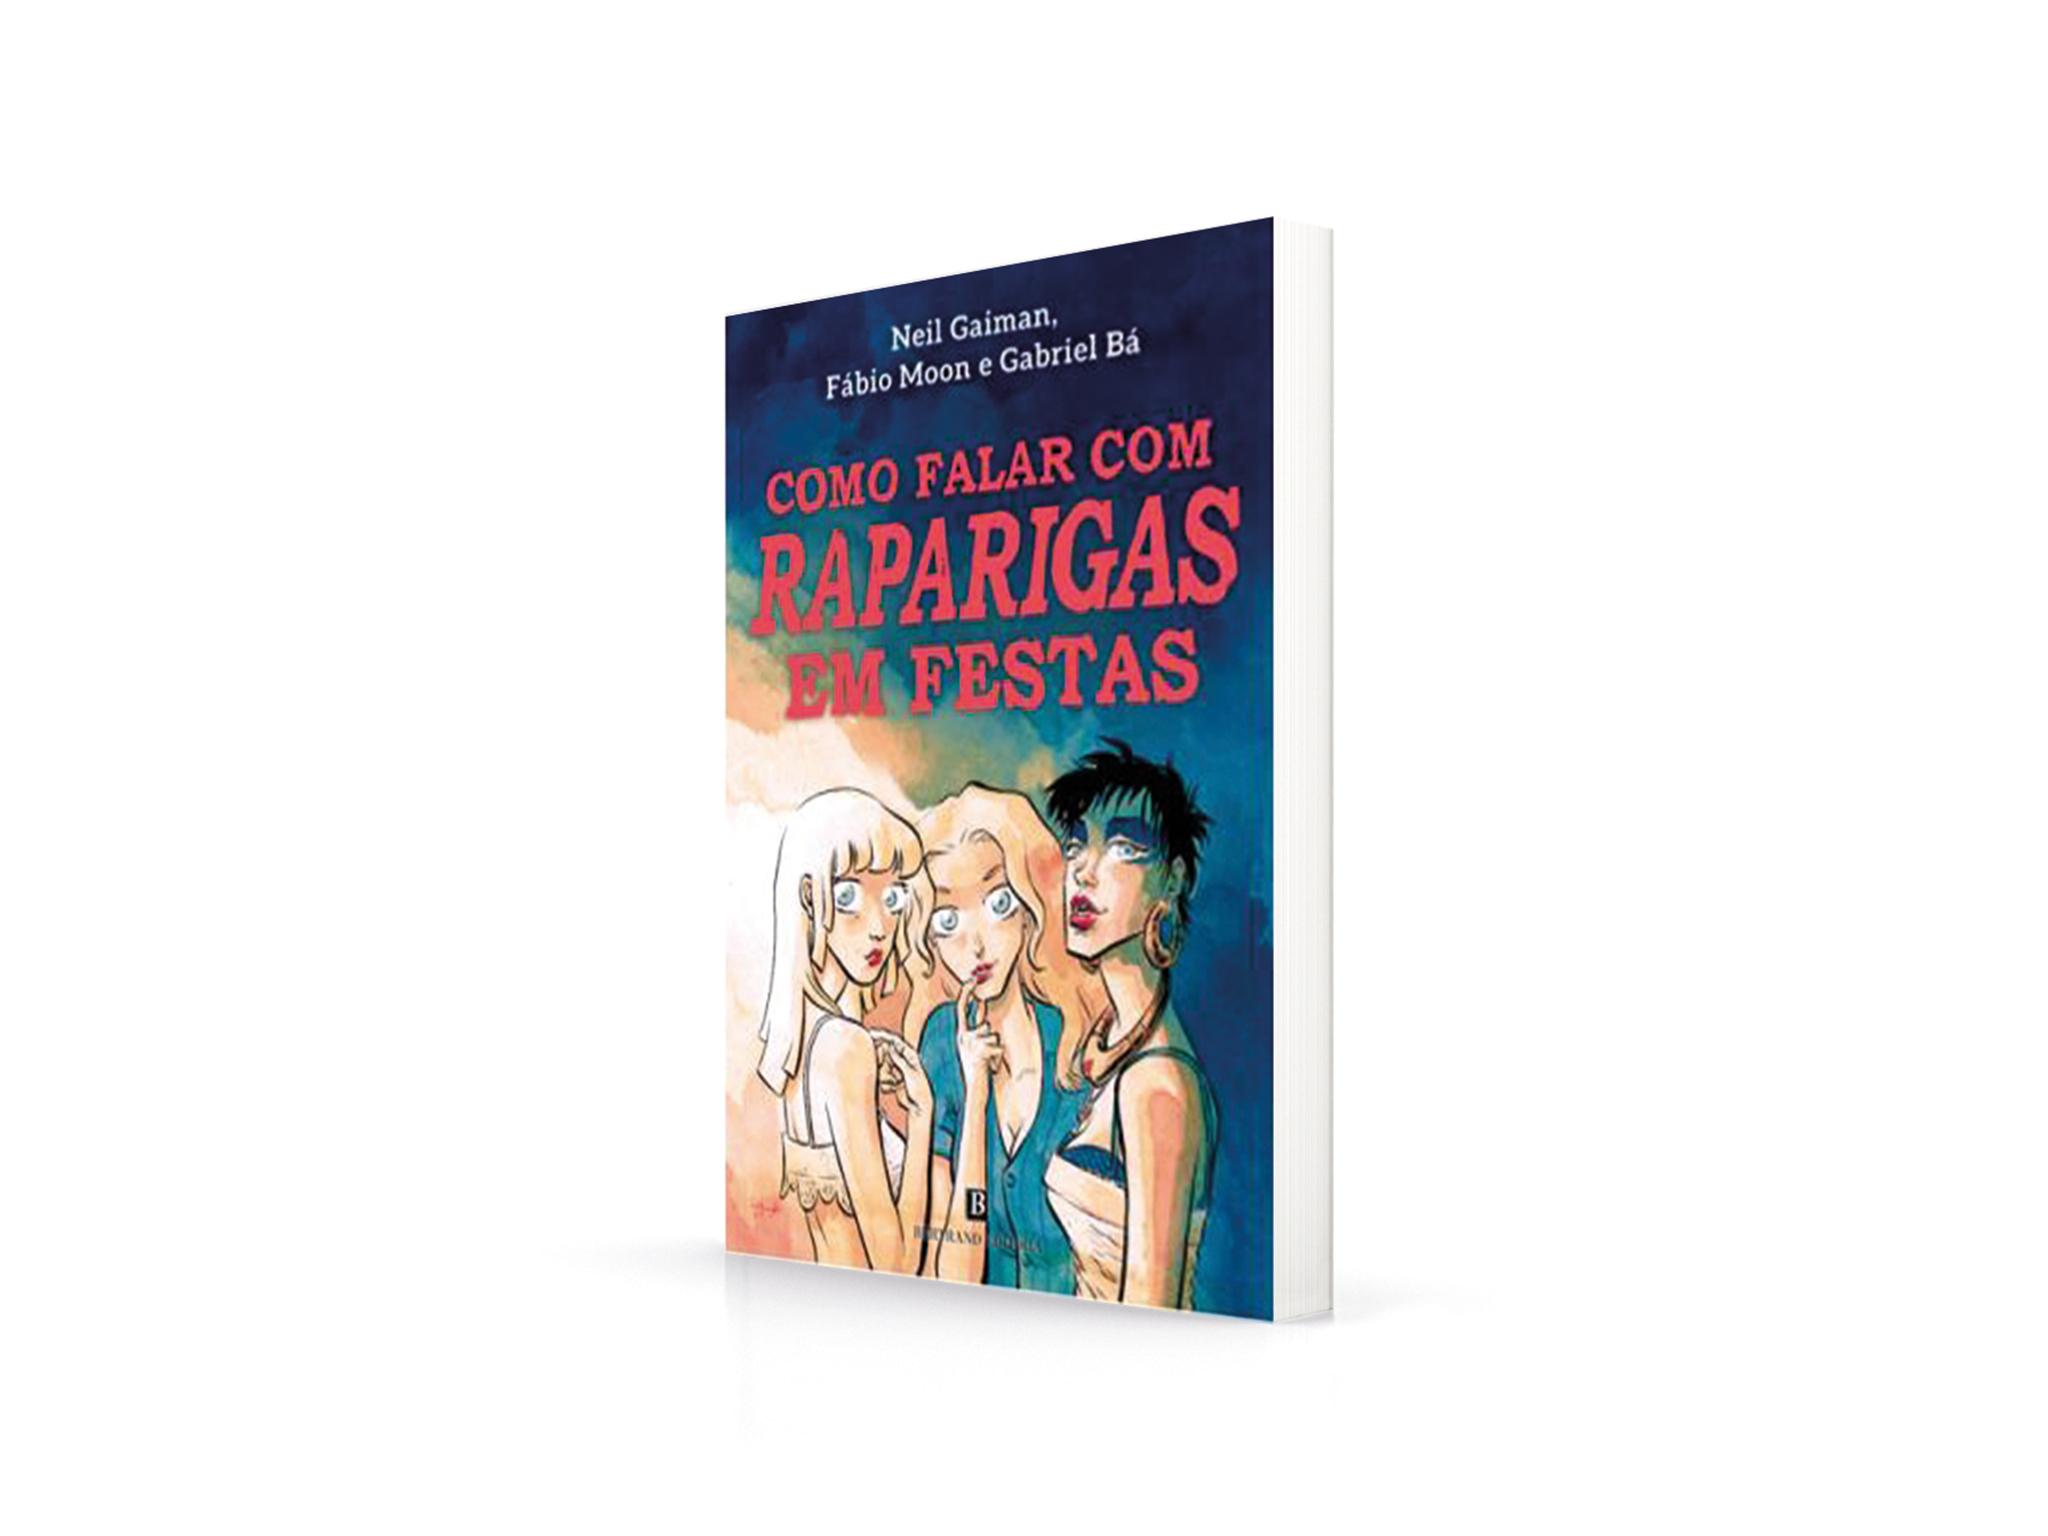 Livro, Romance, Como Falar com Raparigas em Festas, Neil Gaiman, Fábio Moon e Gabriel Bá